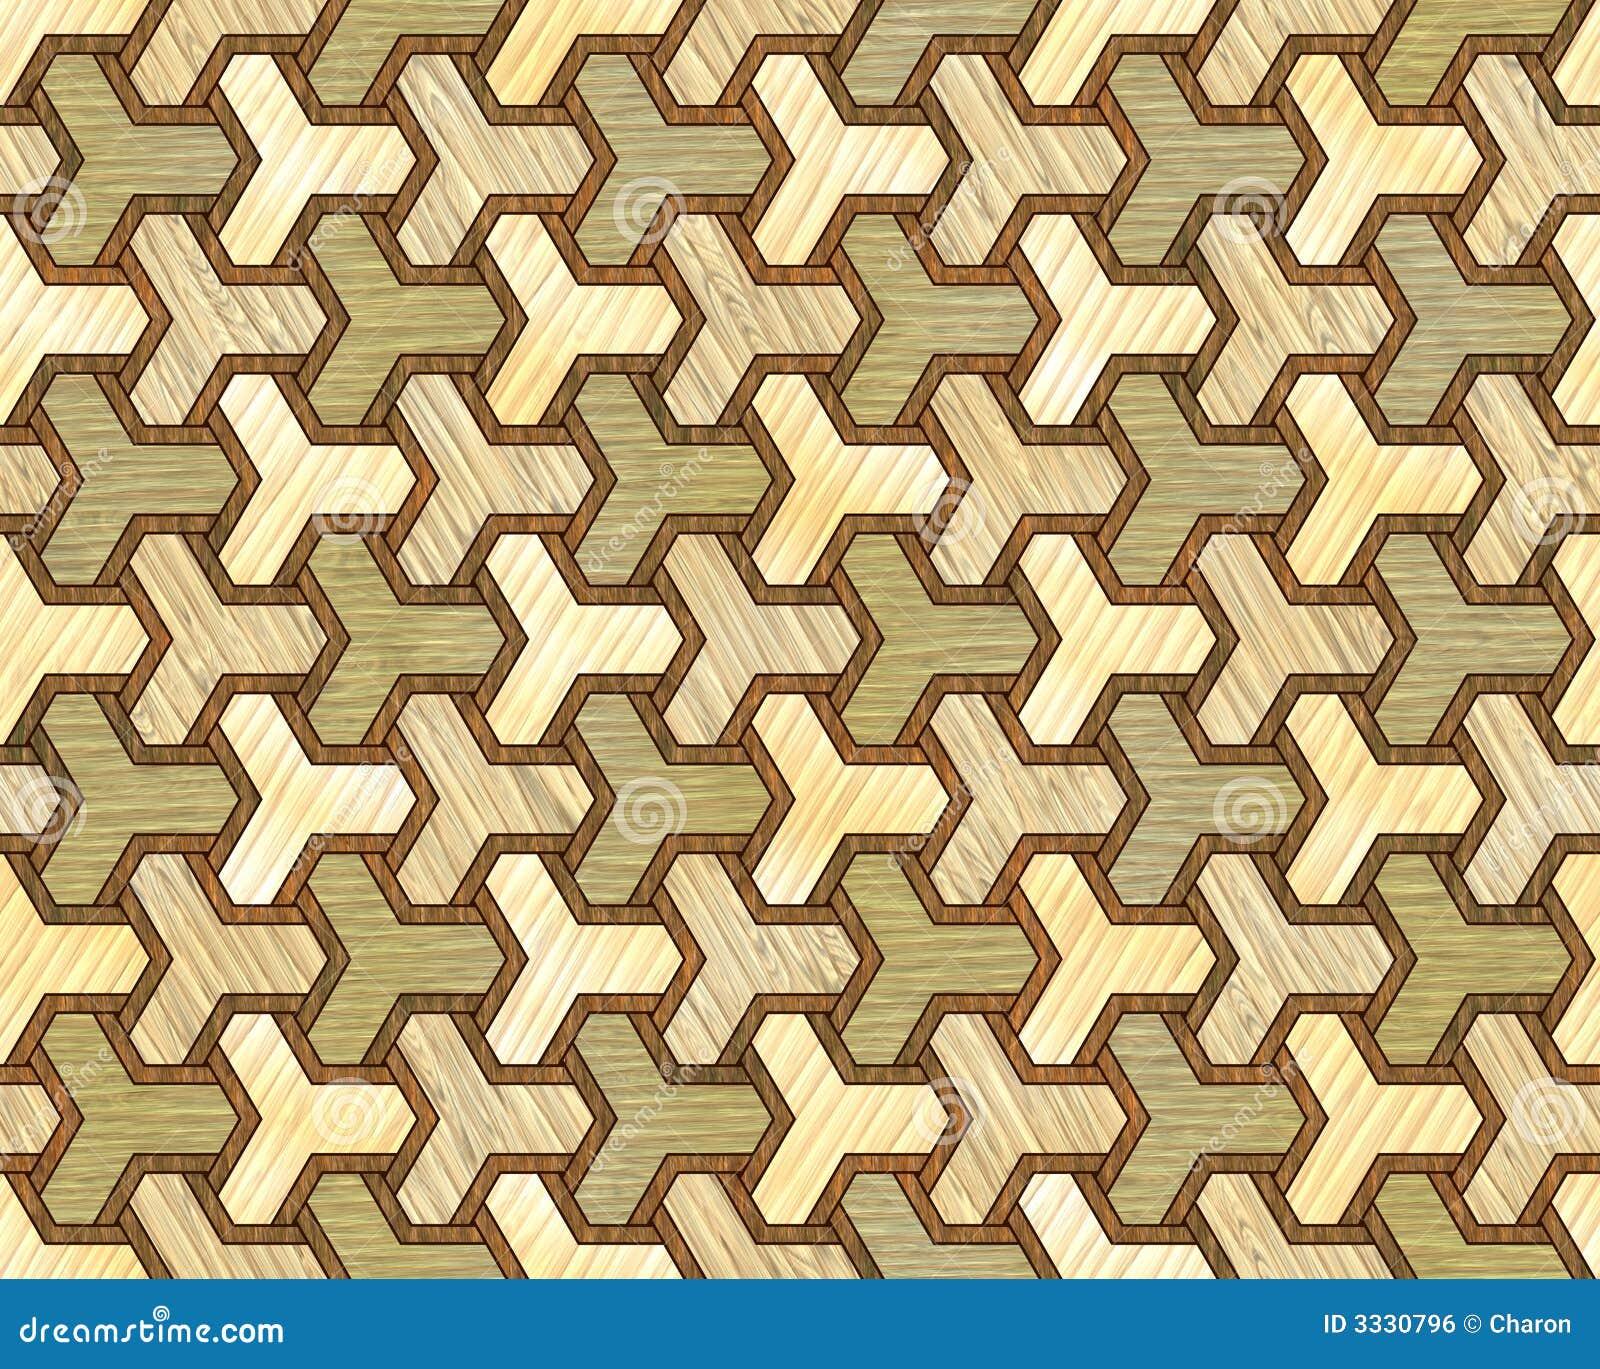 细致的镶嵌细工模式无缝的纹理木头